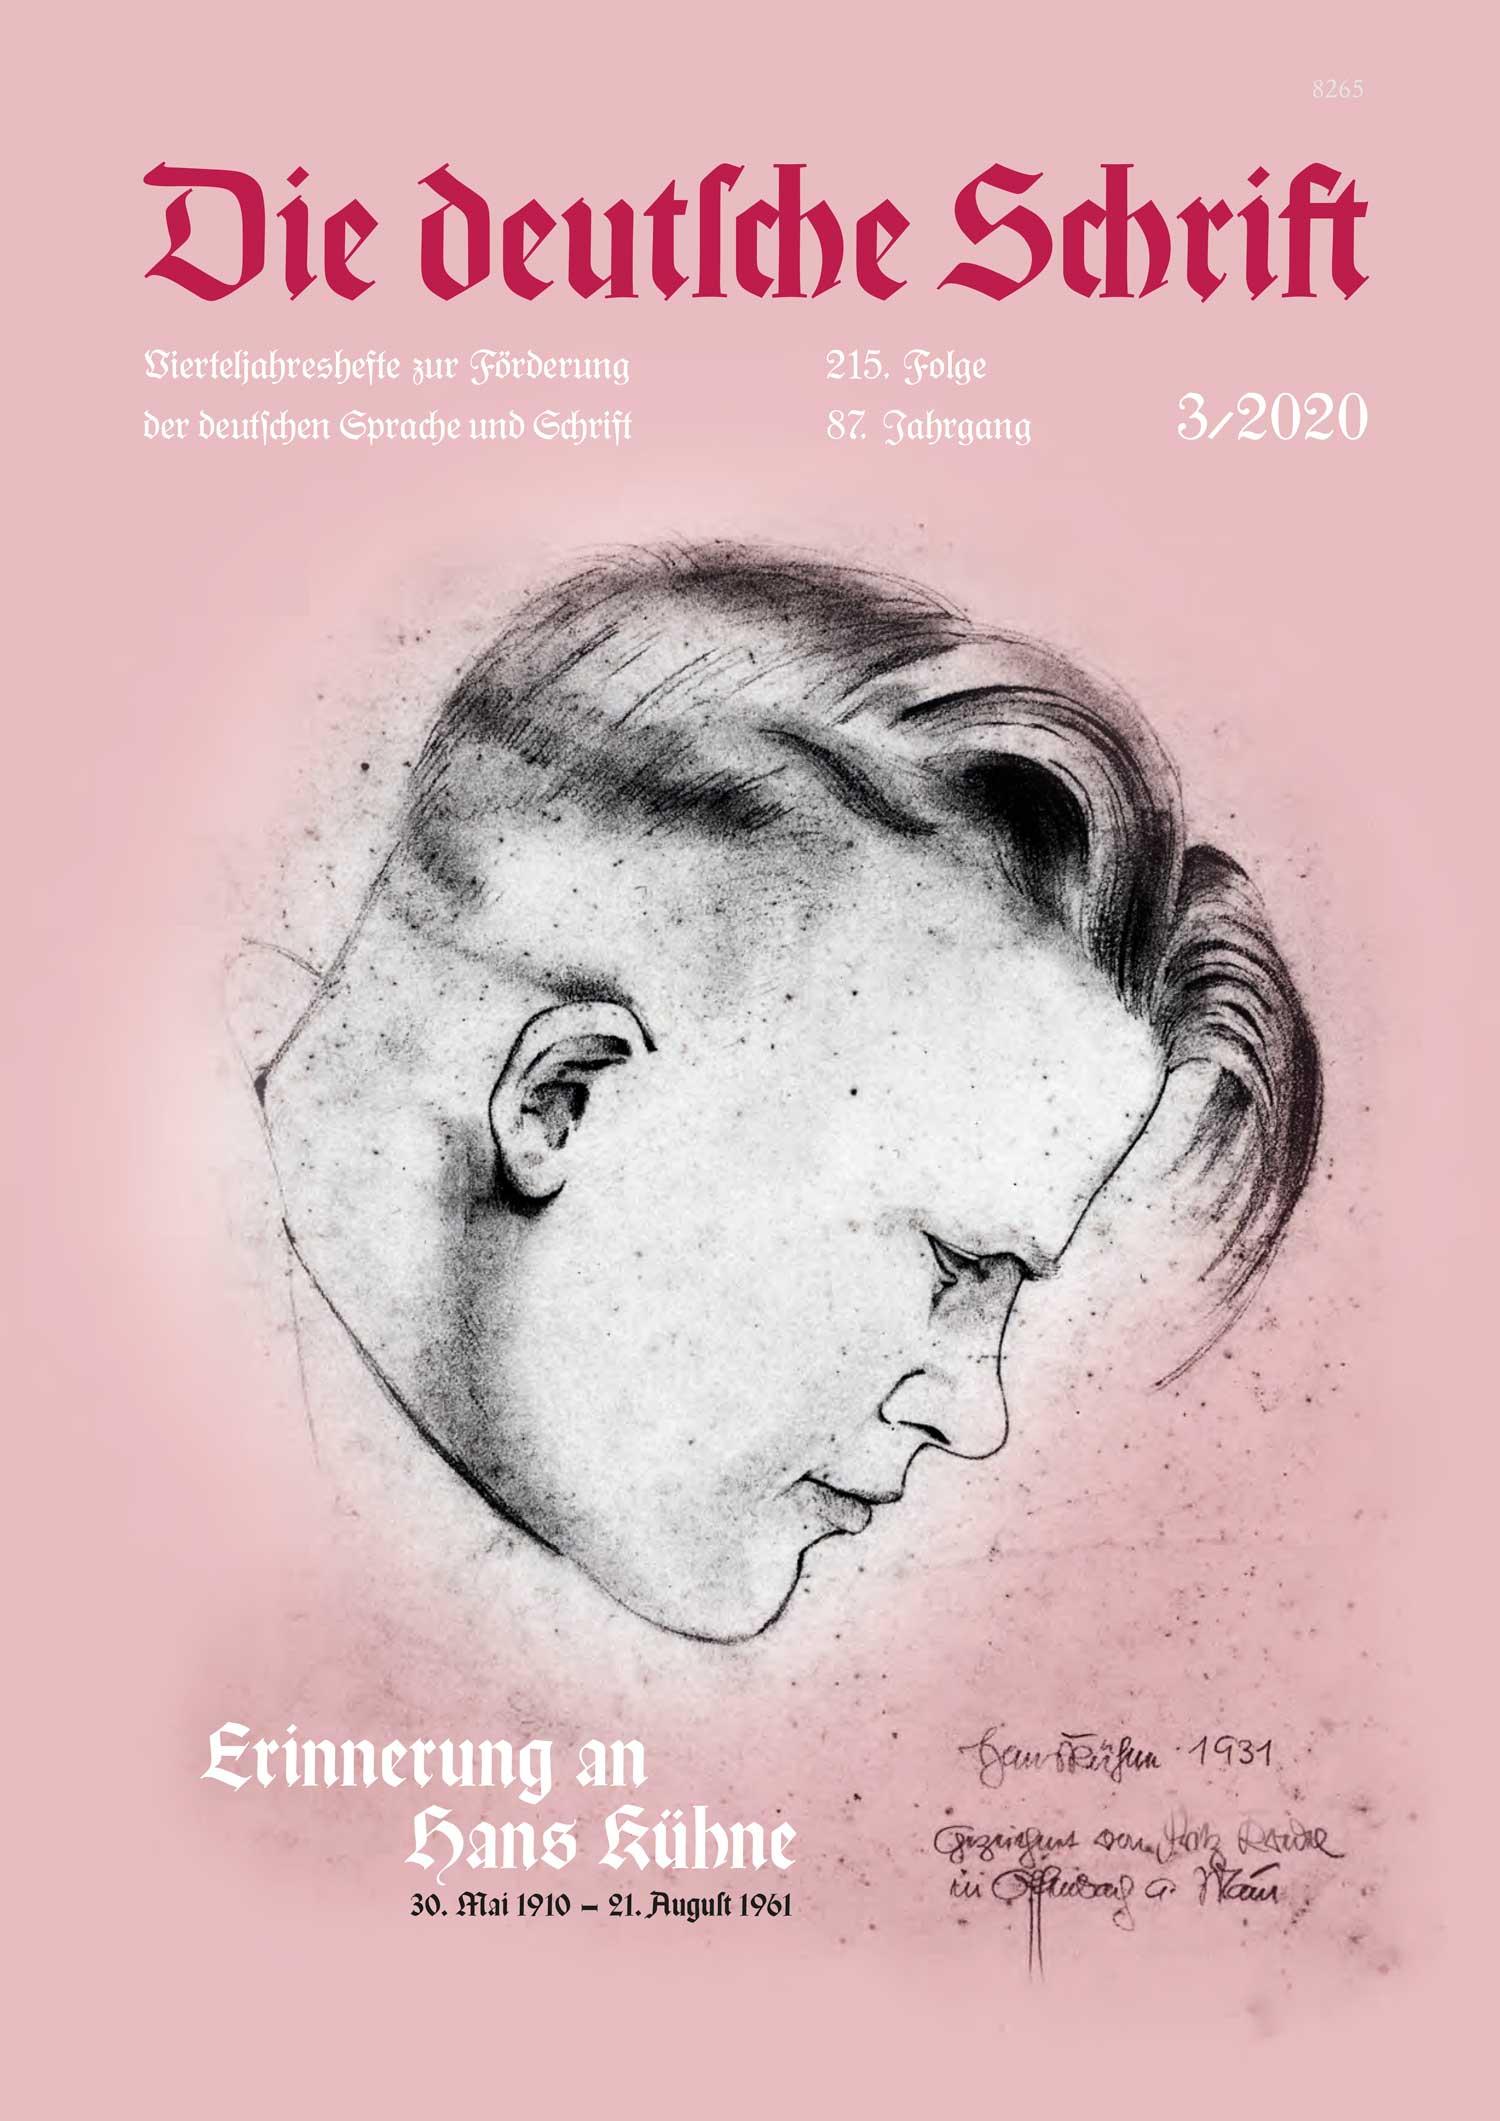 Die deutsche Schrift 3/2020